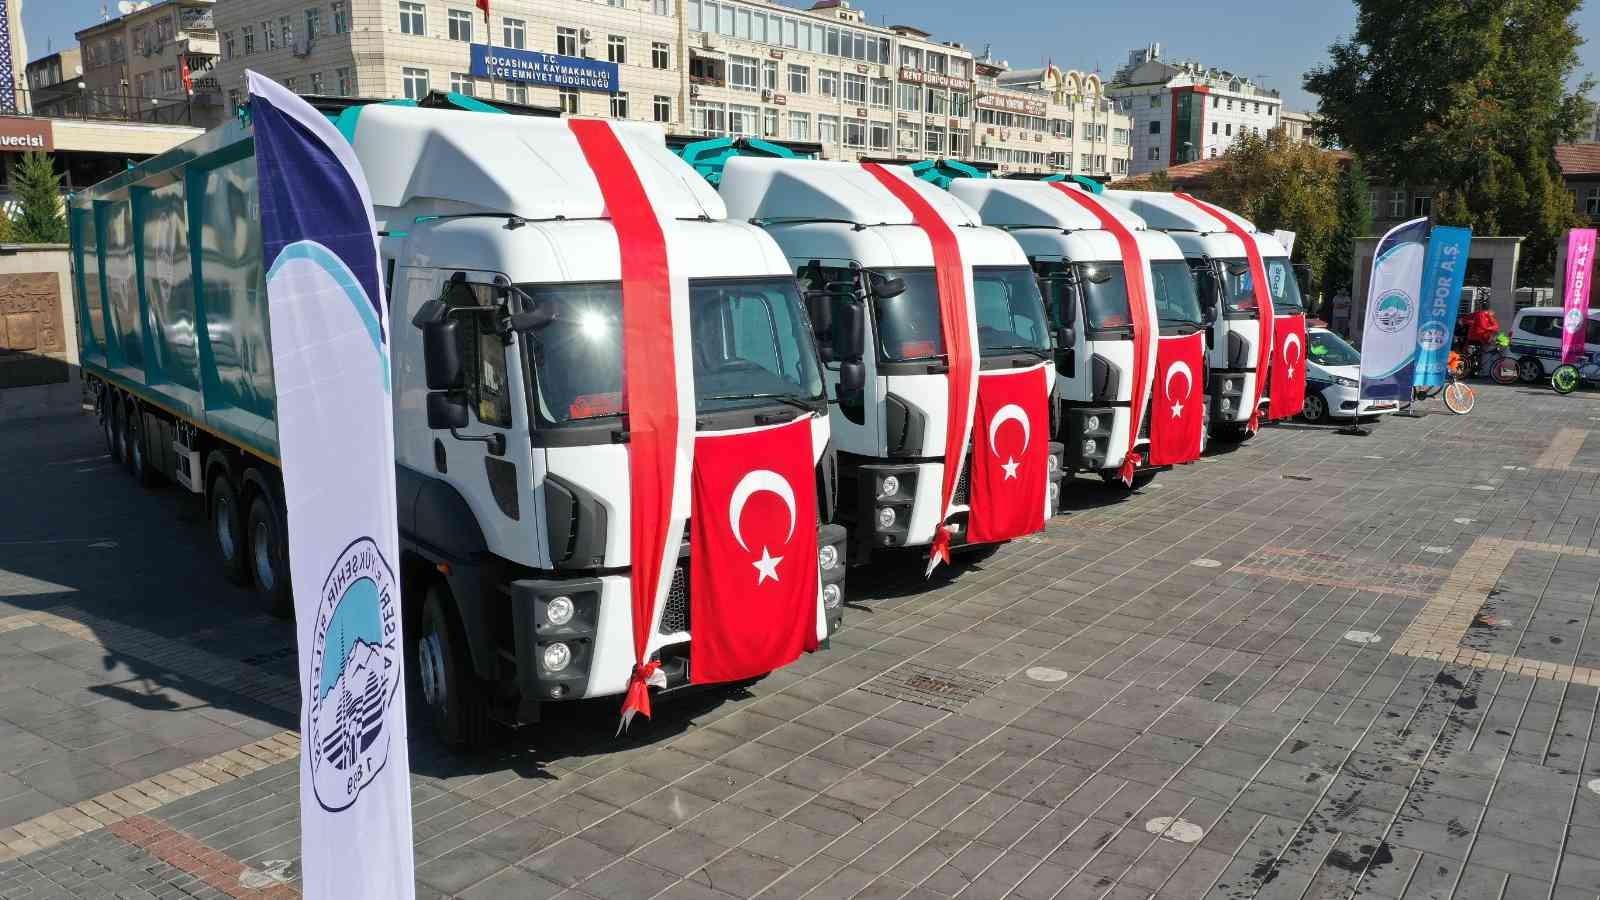 Büyükşehir'in 6 milyon TL'lik araçları ile hafriyat yönetim sistemi tanıtıldı